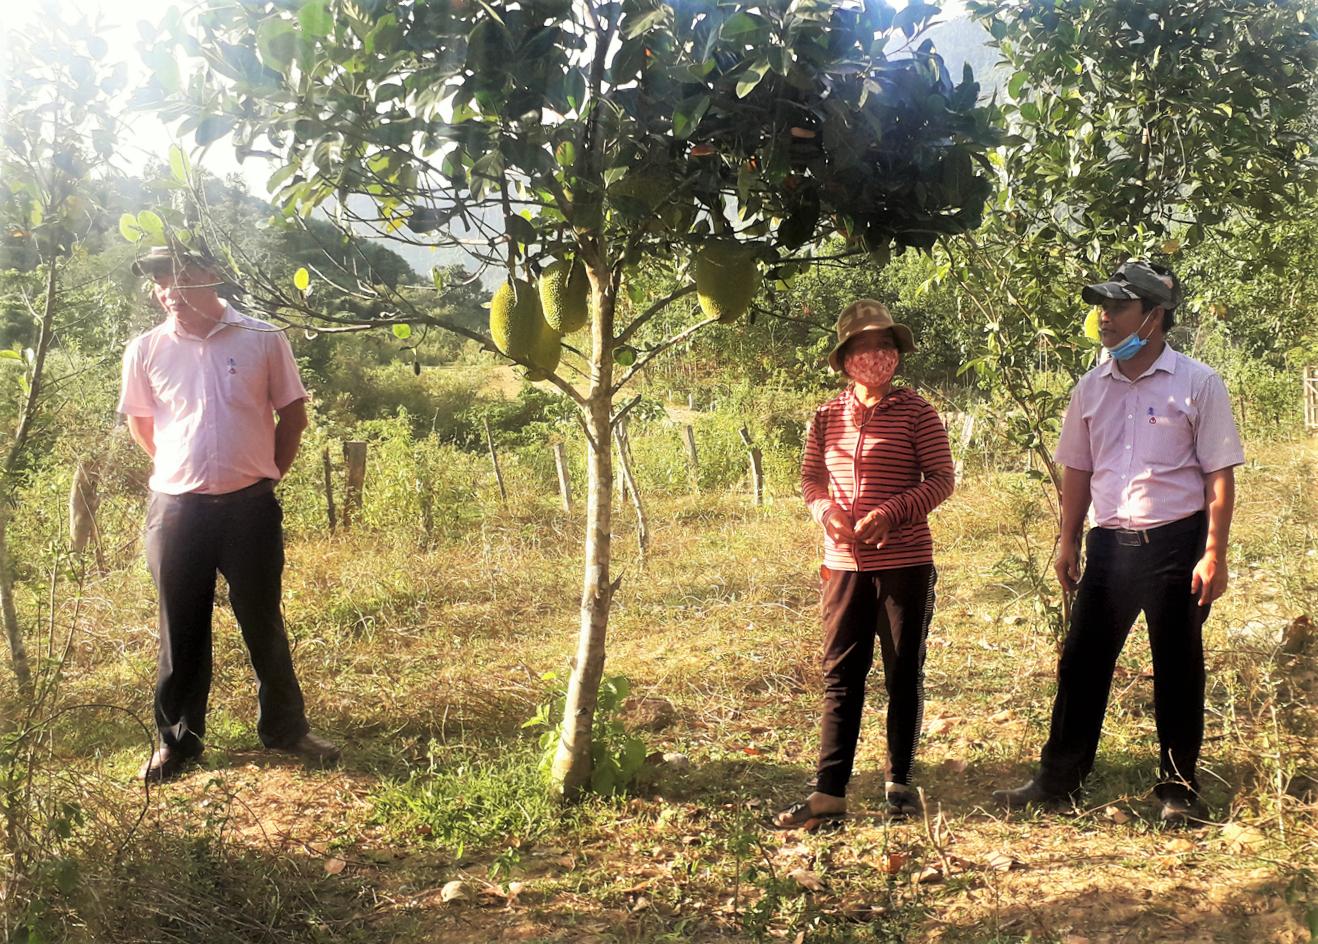 Mô hình kinh tế chăn nuôi kết hợp trồng cây ăn quả của Alăng Thị Di đem lại hiệu quả thiết thực với cộng đồng. Ảnh: ALĂNG NGƯỚC